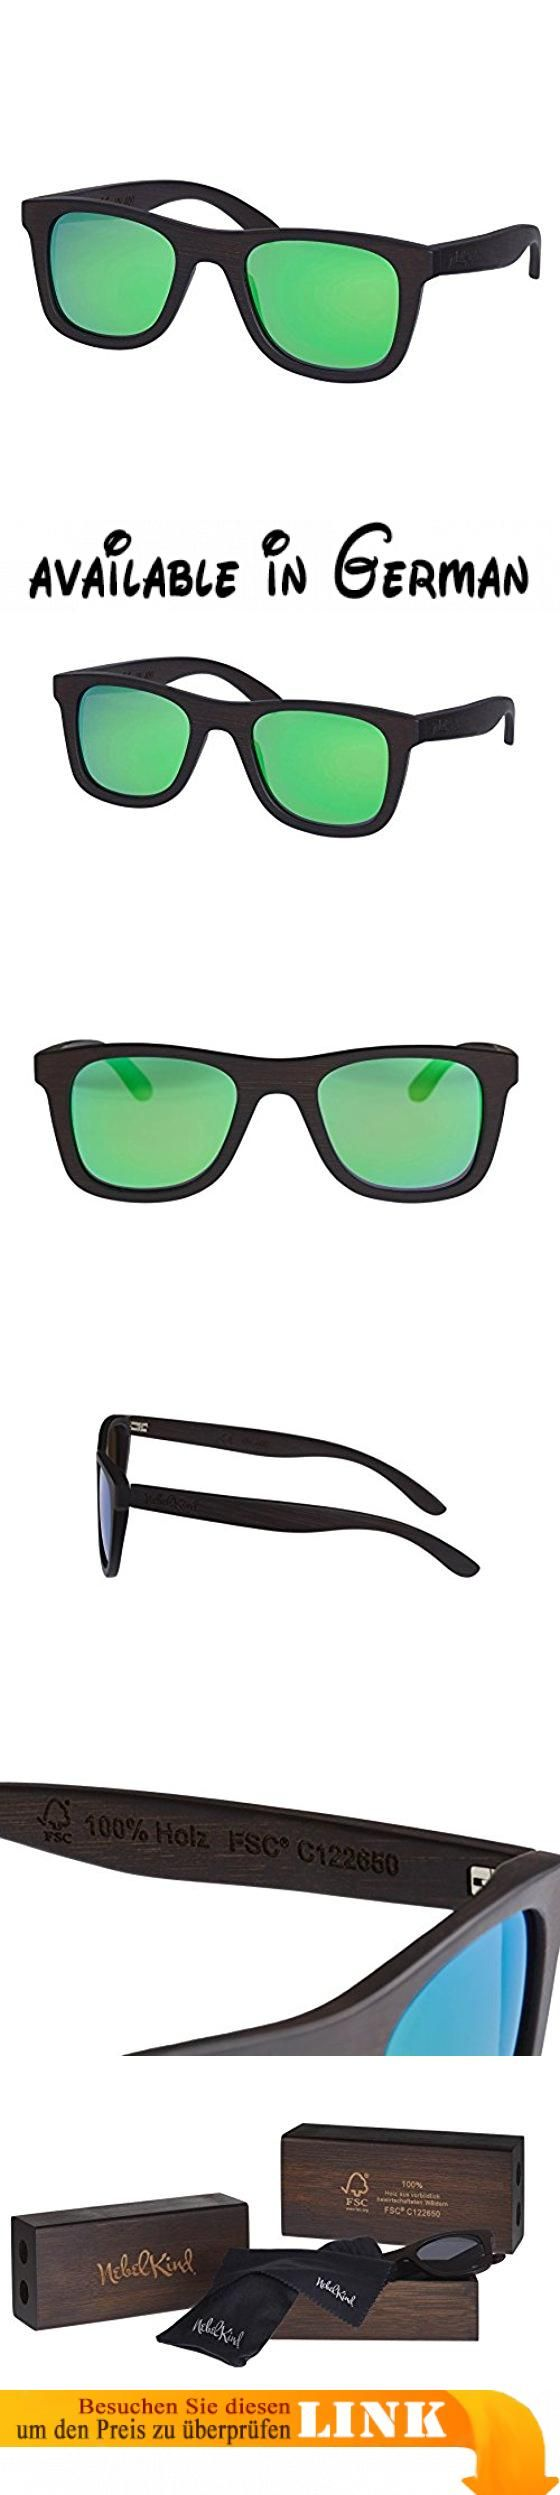 Nebelkind Holz Sonnenbrille Bamboobastic Dunkelbraun aus Bambus (grün verspiegelt) FSC®-zertifiziert unisex. ✅ Rahmen und Etui aus 100% Bambus / inkl. Tasche und Putztuch / hochwertige Verarbeitung. ✅ FSC®-zertifiziert C122650, TUEV-COC-000581-054. ✅ schwimmt im Wasser / polarisierte Gläser mit UV400 Schutz / für Damen und Herren. ✅ für Damen und Herren unisex. ✅ Filterkategorie Cat. 3 #Apparel #EYEWEAR